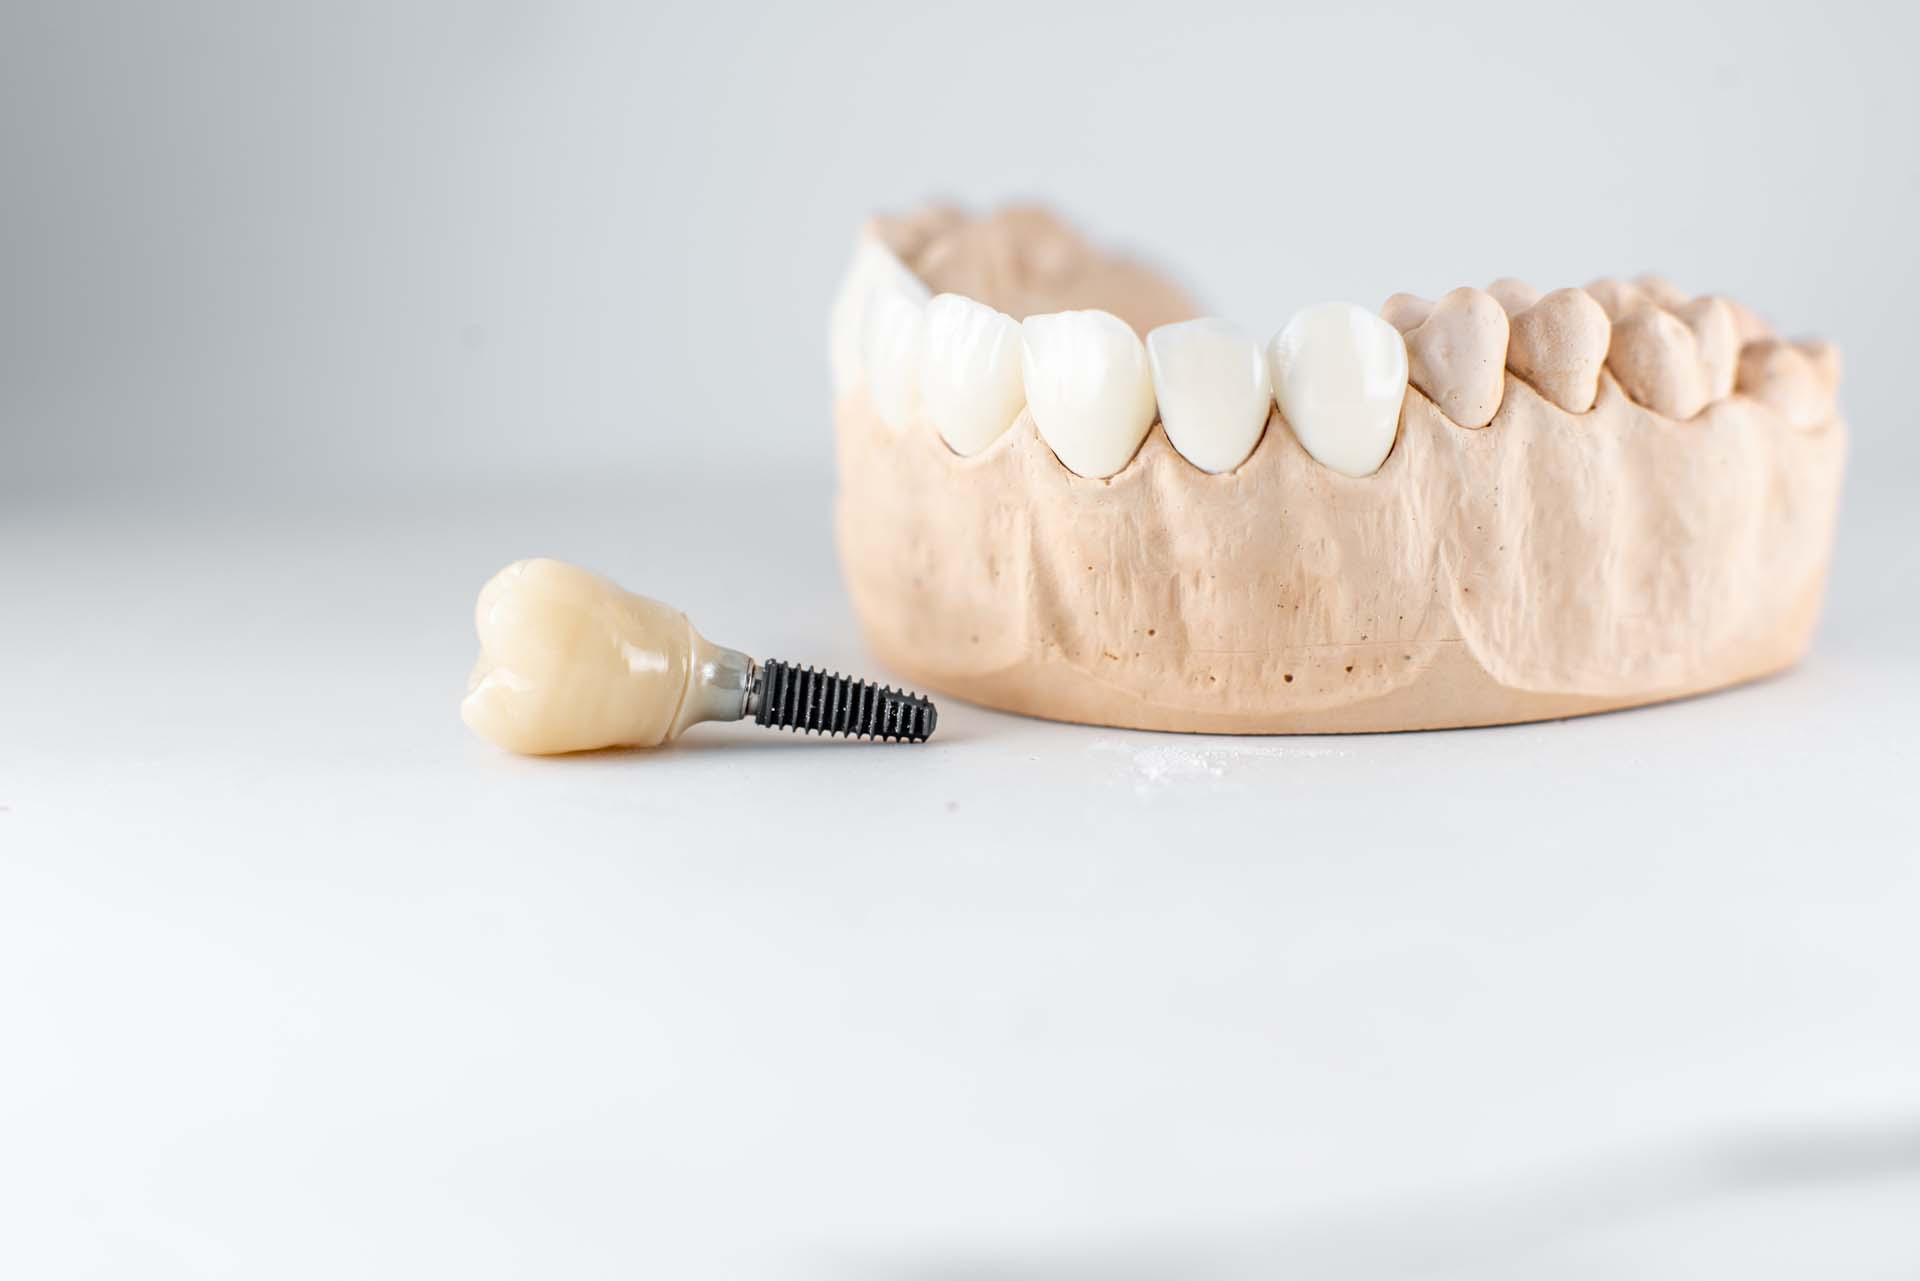 Odbacivanje zubnih implantata- zašto se to događa i što napraviti u tom slučaju? - dr. Bilan